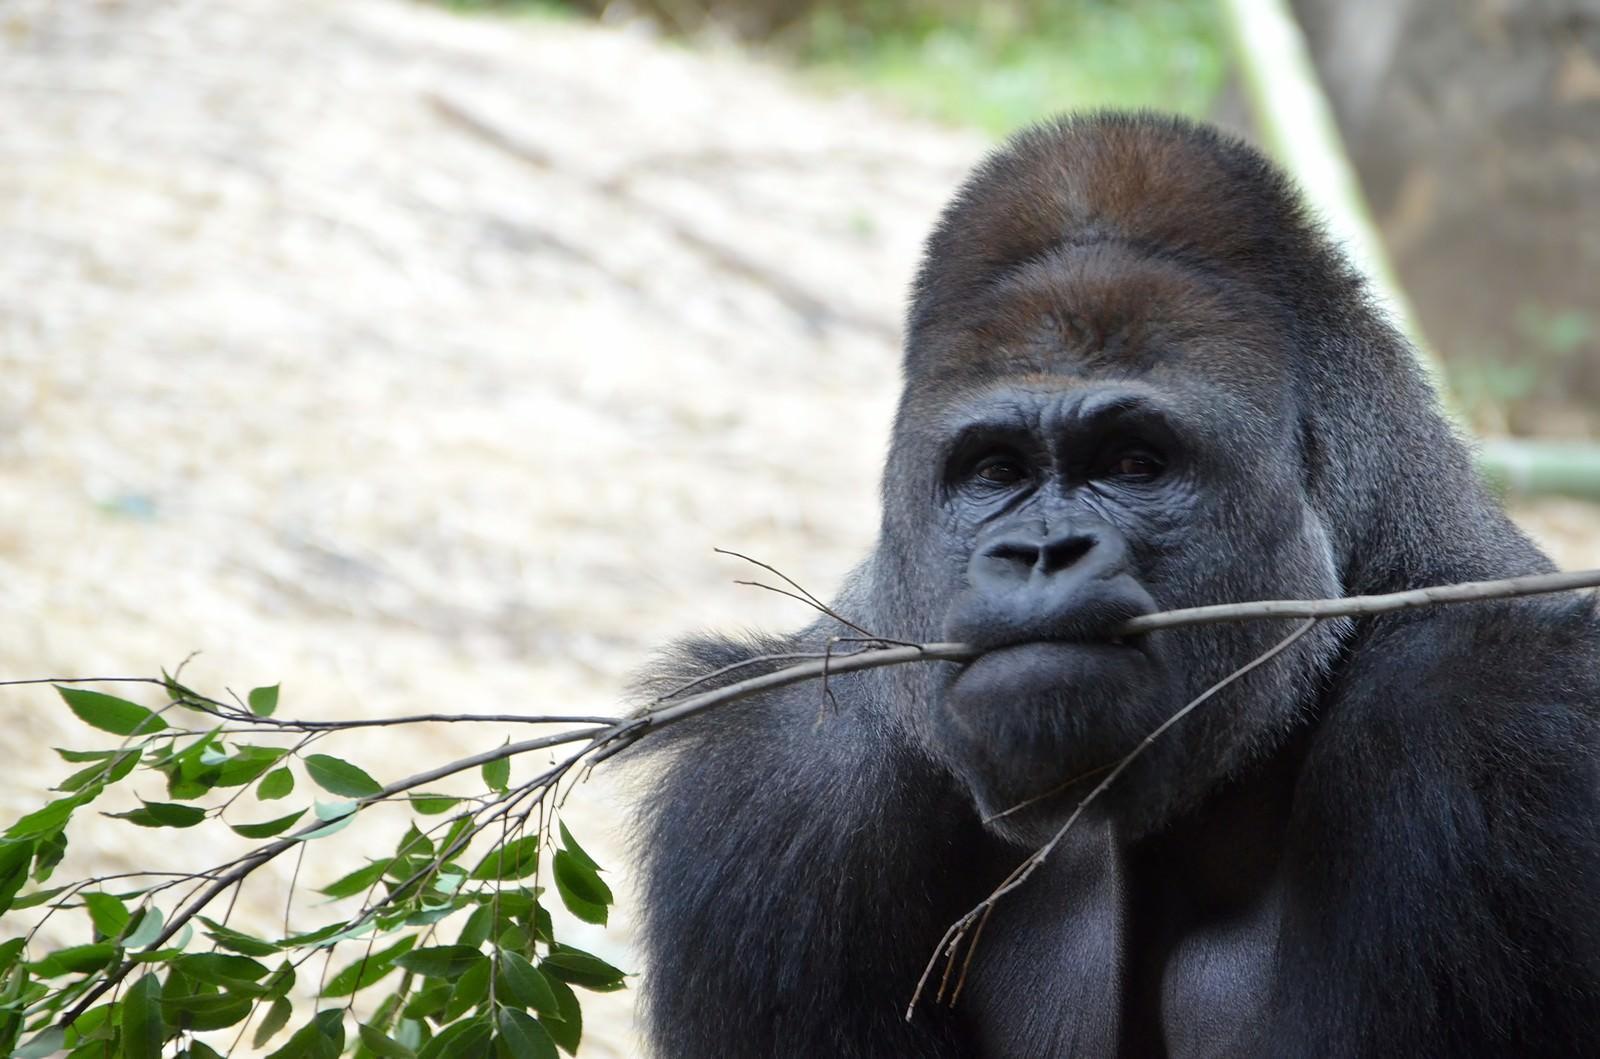 「枝を咥えるゴリラ枝を咥えるゴリラ」のフリー写真素材を拡大